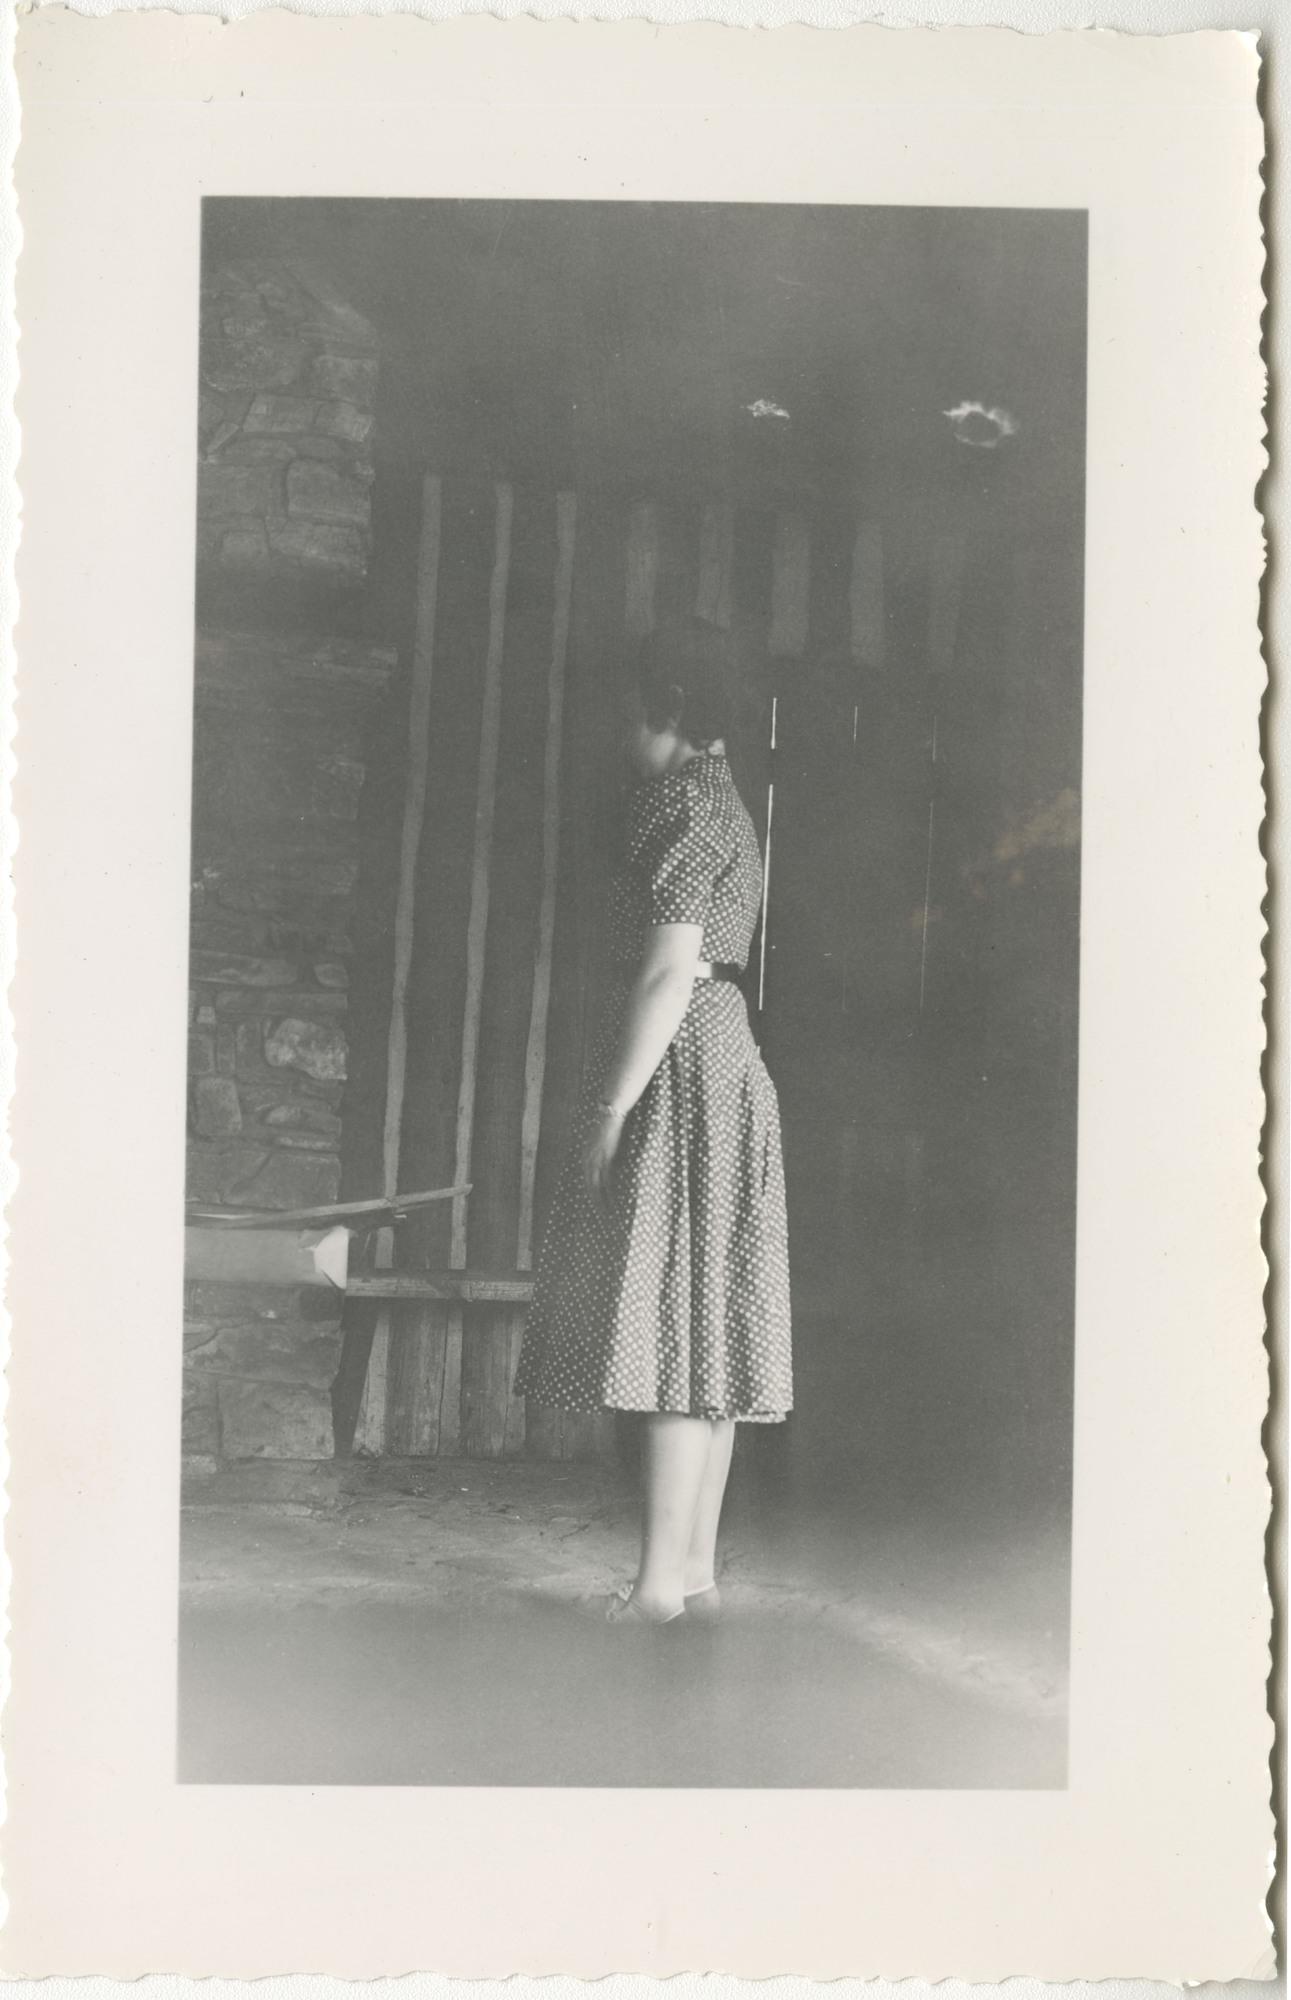 Ms2014-002_BeulahAllen_B1_F15_Photograph_1939_1022a.jpg